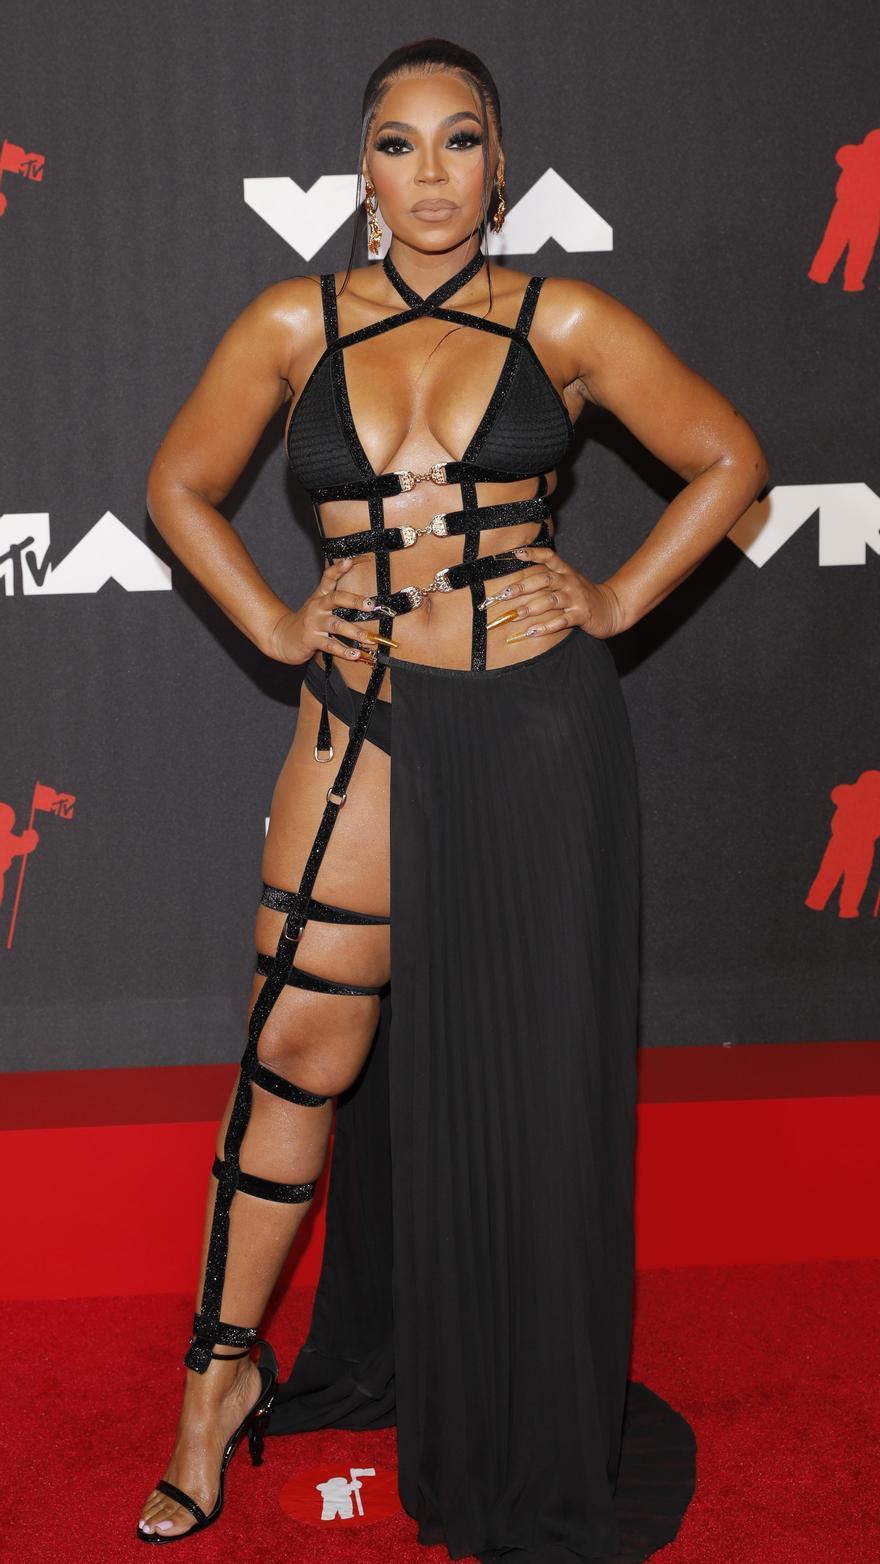 Las mejores imágenes de los premios MTV